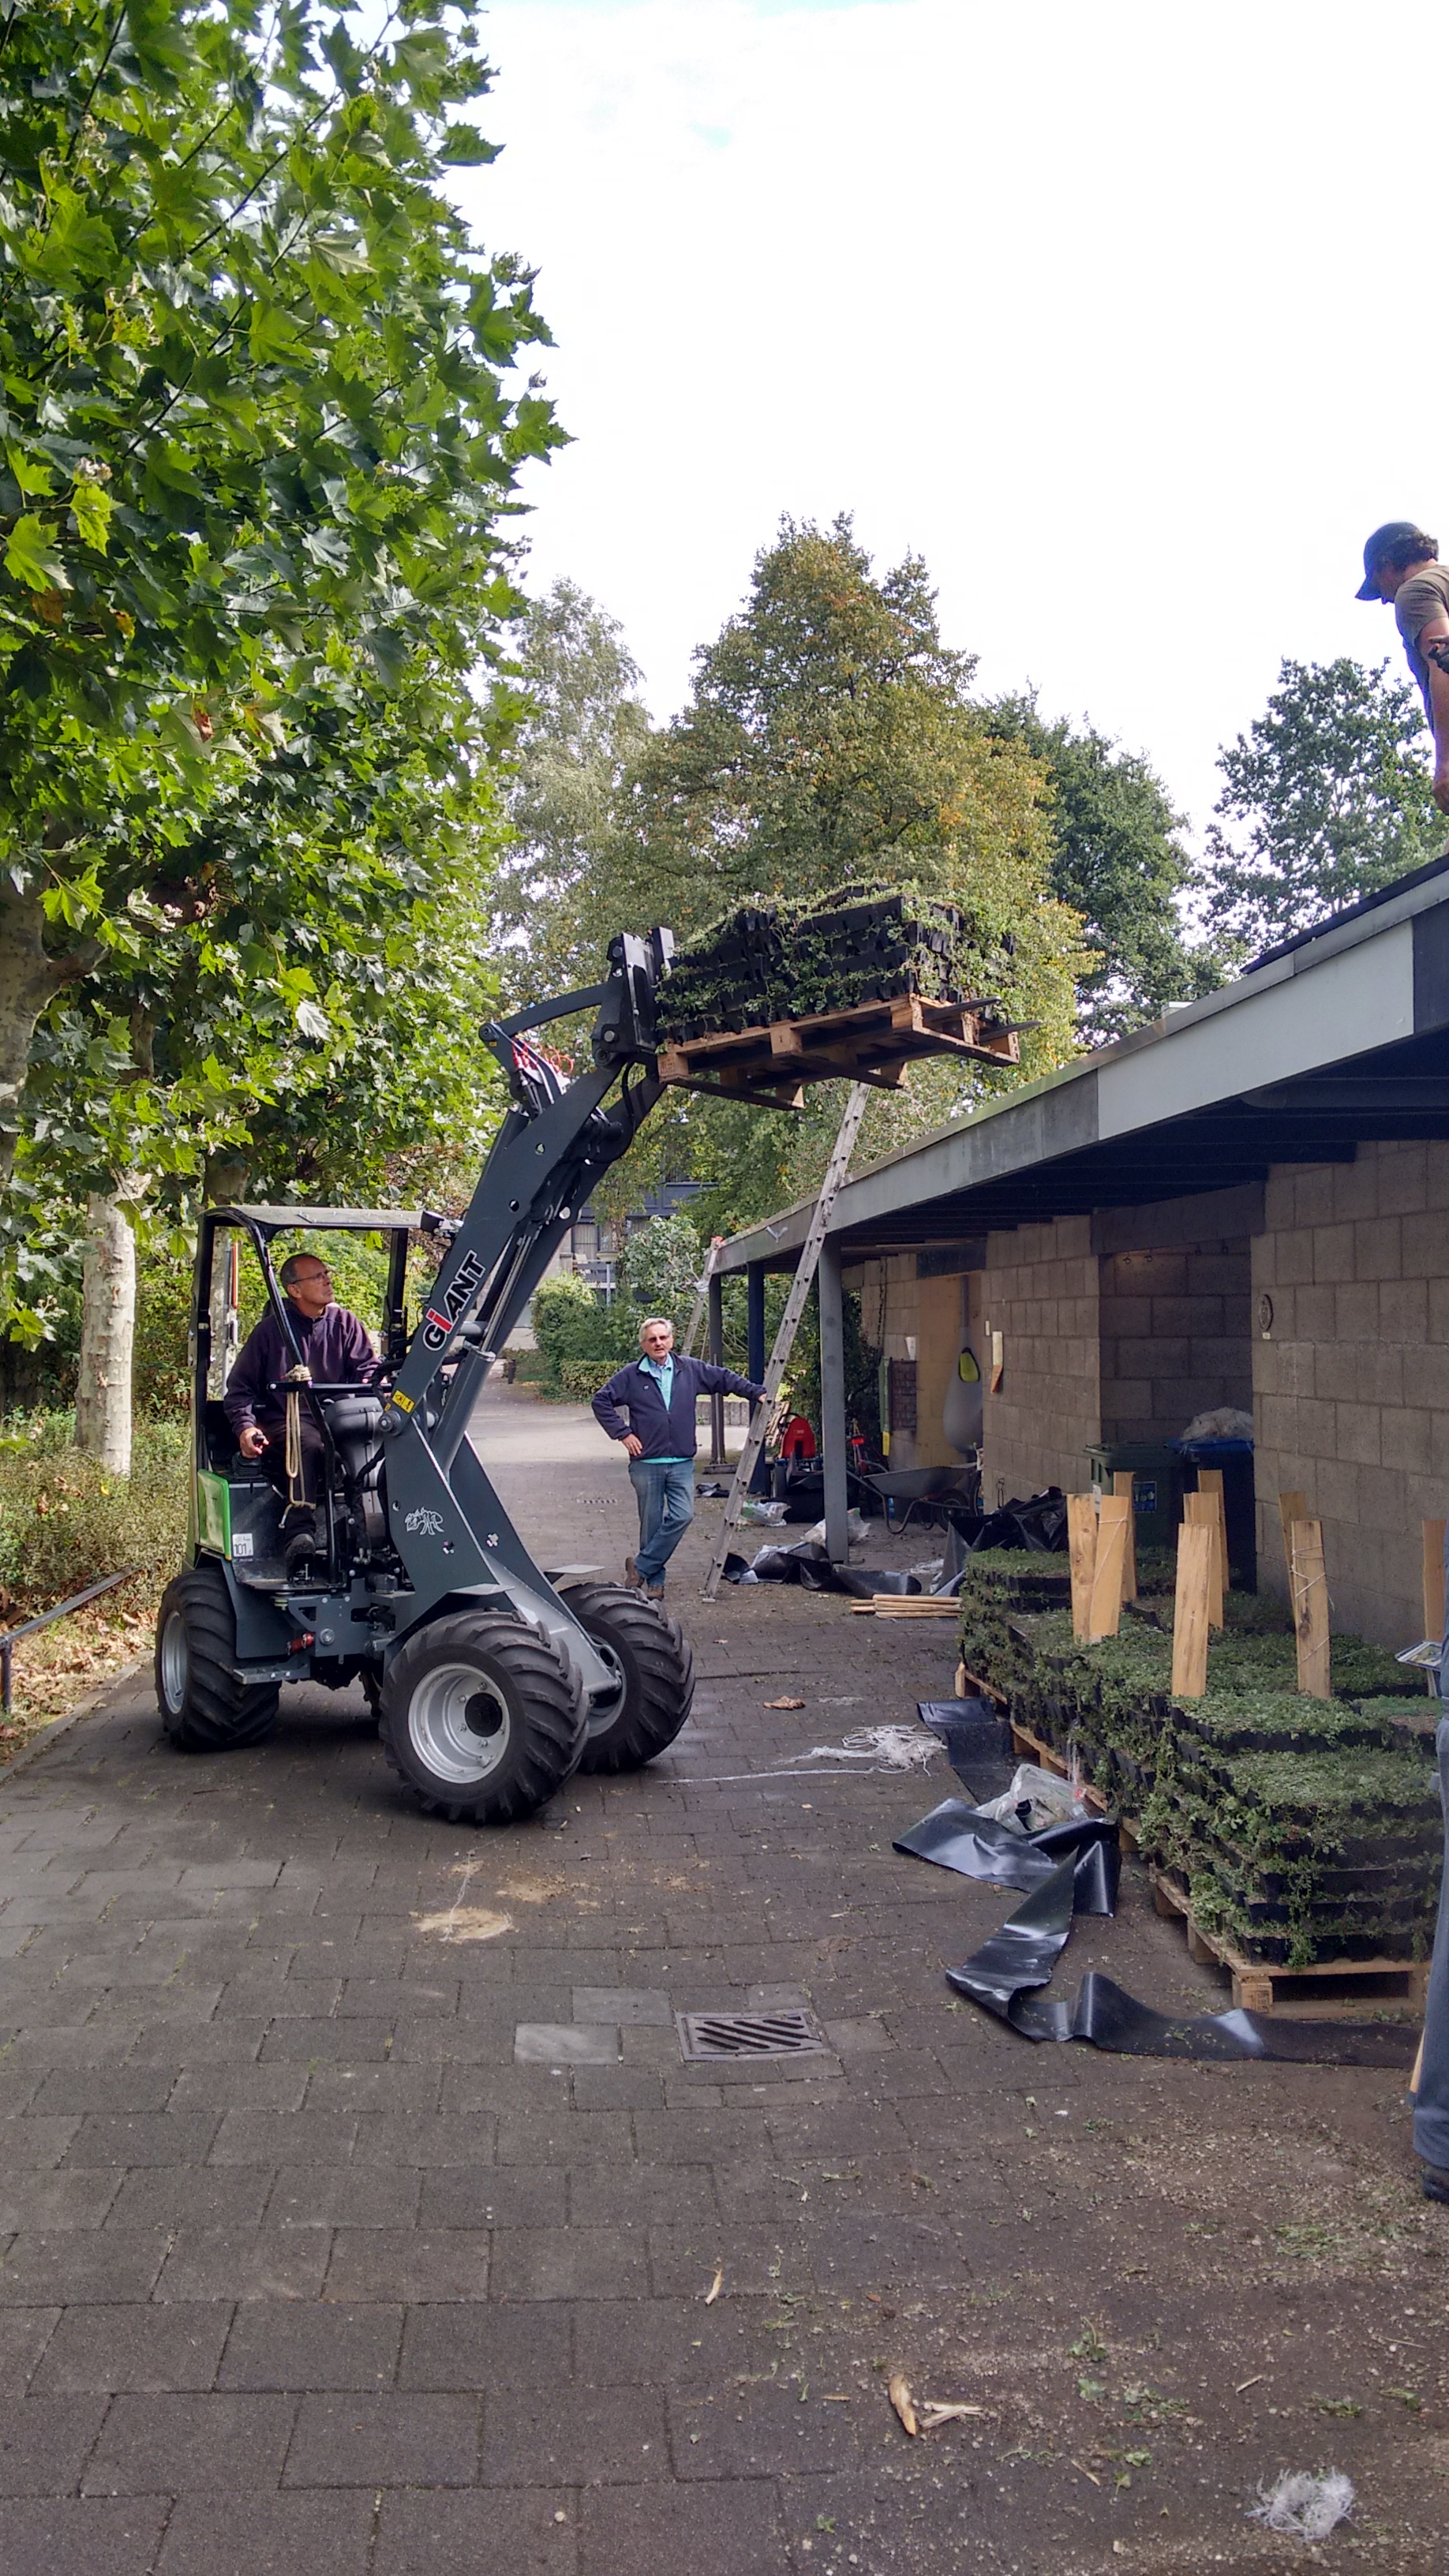 Duurzaam groen dak brabant Rosmalen 2